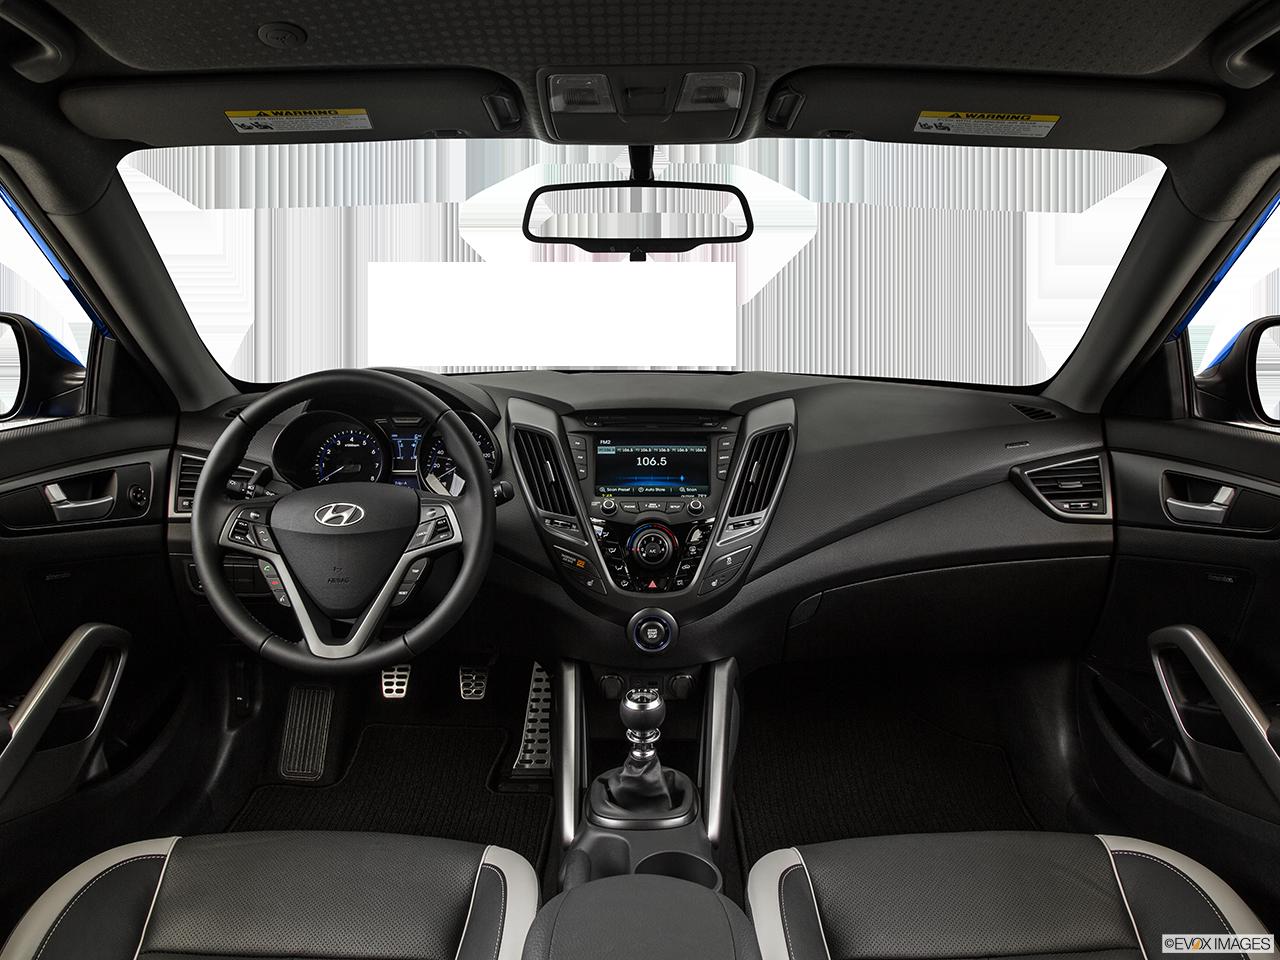 Case Design phone finder case : 2015 Hyundai Veloster dealer serving Richmond : Gateway Hyundai